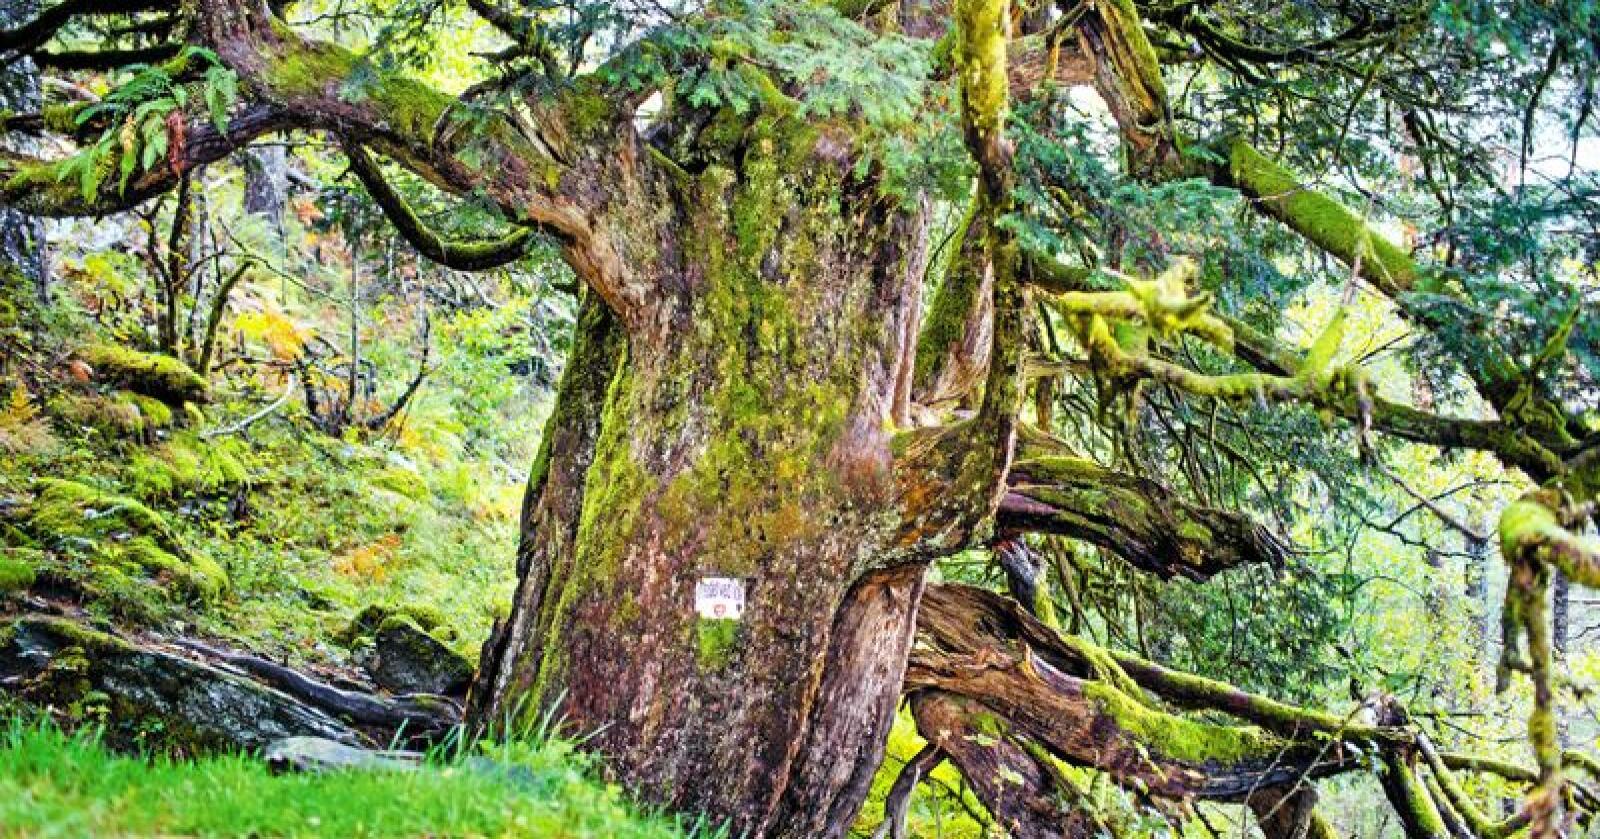 Omtrent midt på Varaldsøy i Kvinnherad i Hordaland står eitt av Noregs eldste tre, ei barlind som kanskje er nesten tusen år gammal. Kjempa er 13 meter høg og har ein omkrins på 5,6 meter. Barlind er blant treslaga som blir eldst i Nord-Europa. Piler frå barlind er blitt brukt til å drepe, men stoff i treet inneheld også ein type cellegift som blir brukt i kreftmedisin. Trevirket er slitesterkt og nytta i trebåtar. Den store barlinda på Varaldsøy har derimot stått i fred i fleire hundreår og er i dag verna. Foto frå boka: Stig B. Hansen